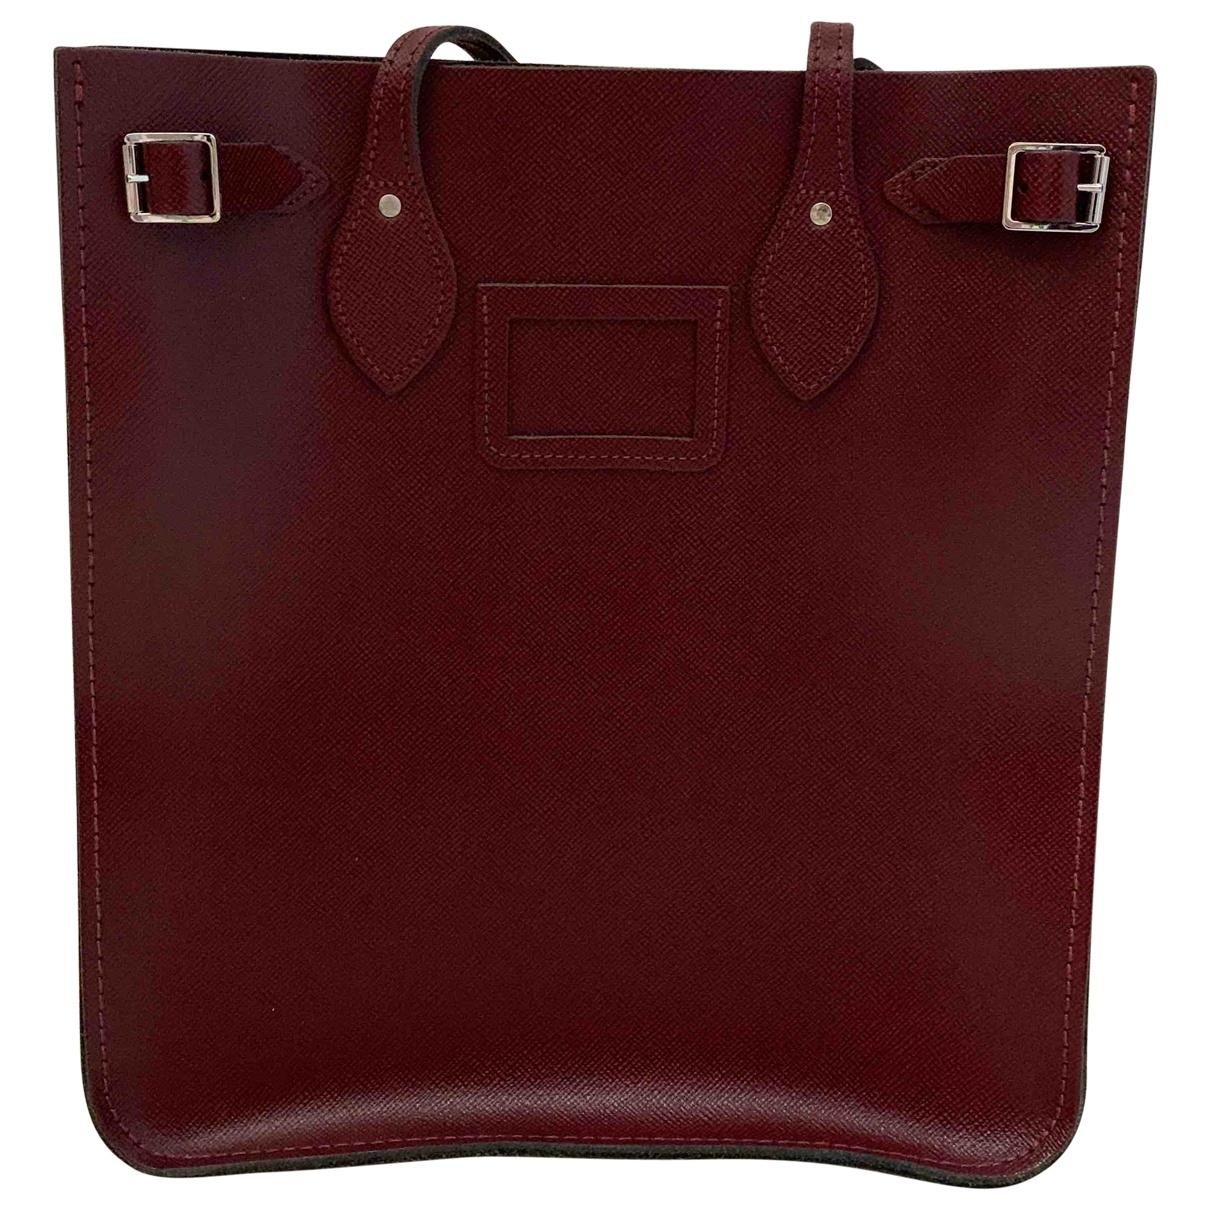 Cambridge Satchel Company \N Handtasche in  Bordeauxrot Leder